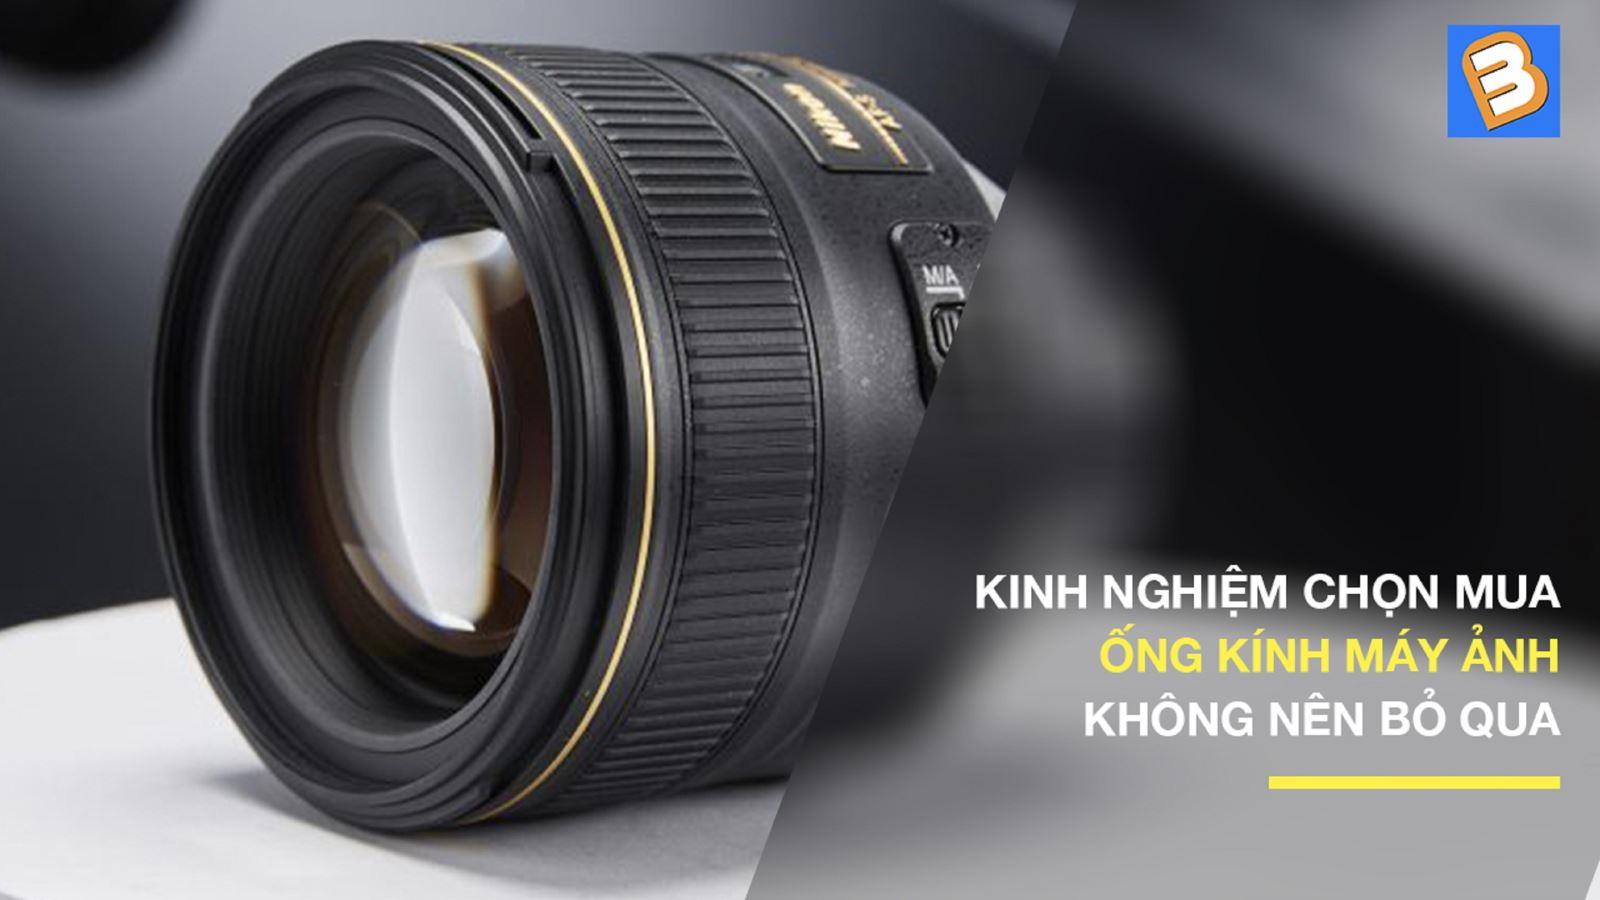 Kinh nghiệm chọn mua ống kính máy ảnh không nên bỏ qua